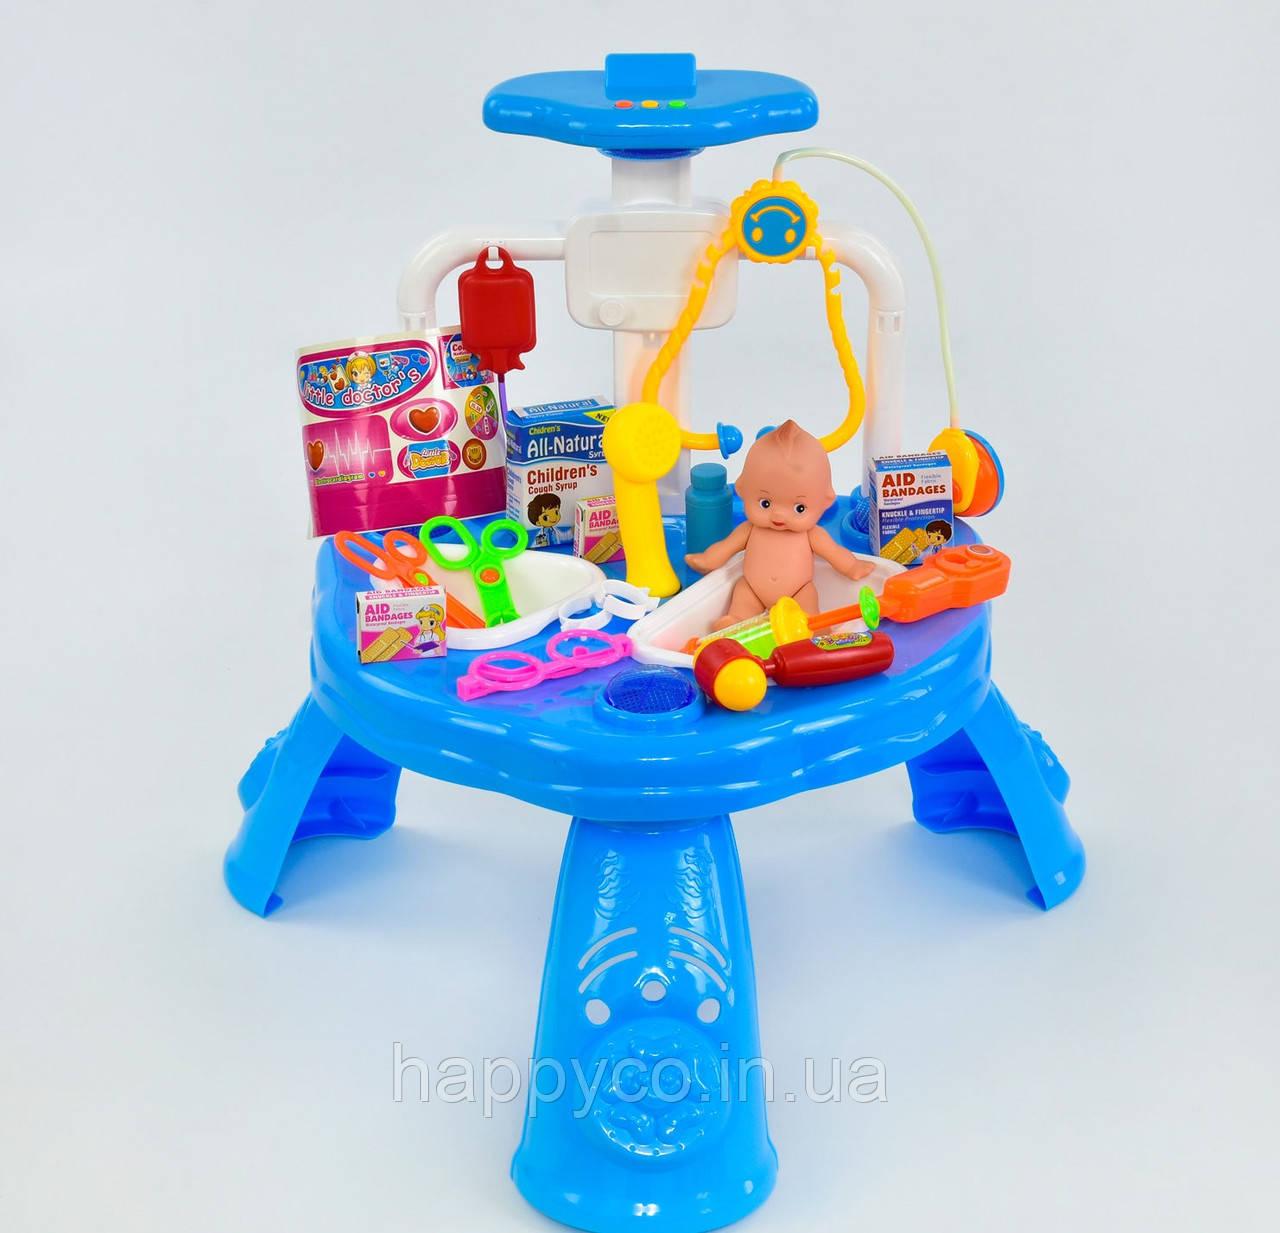 Детский игровой набор Доктор 33 предмета, музыкальный, подсветка